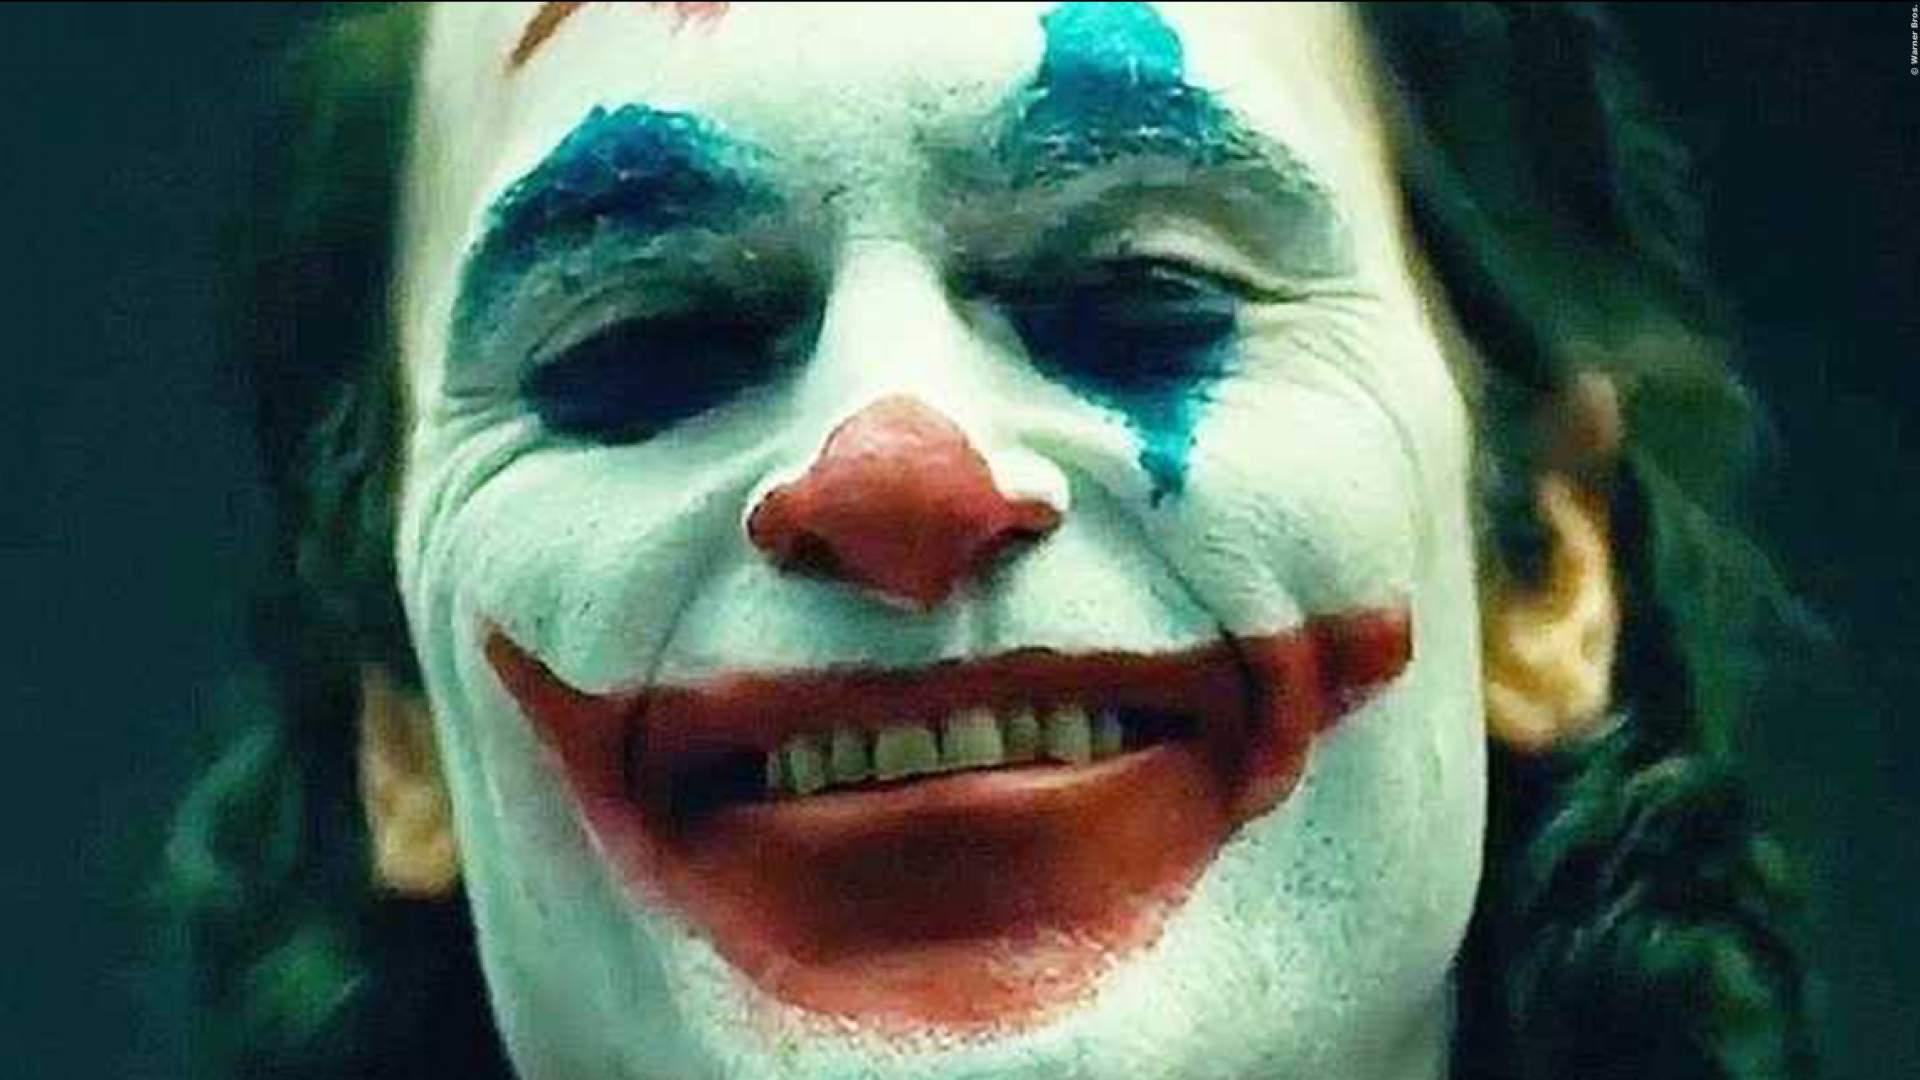 FSK: Wird 'Joker' der härteste DC-Film aller Zeiten? Wie gerade bekannt wurde